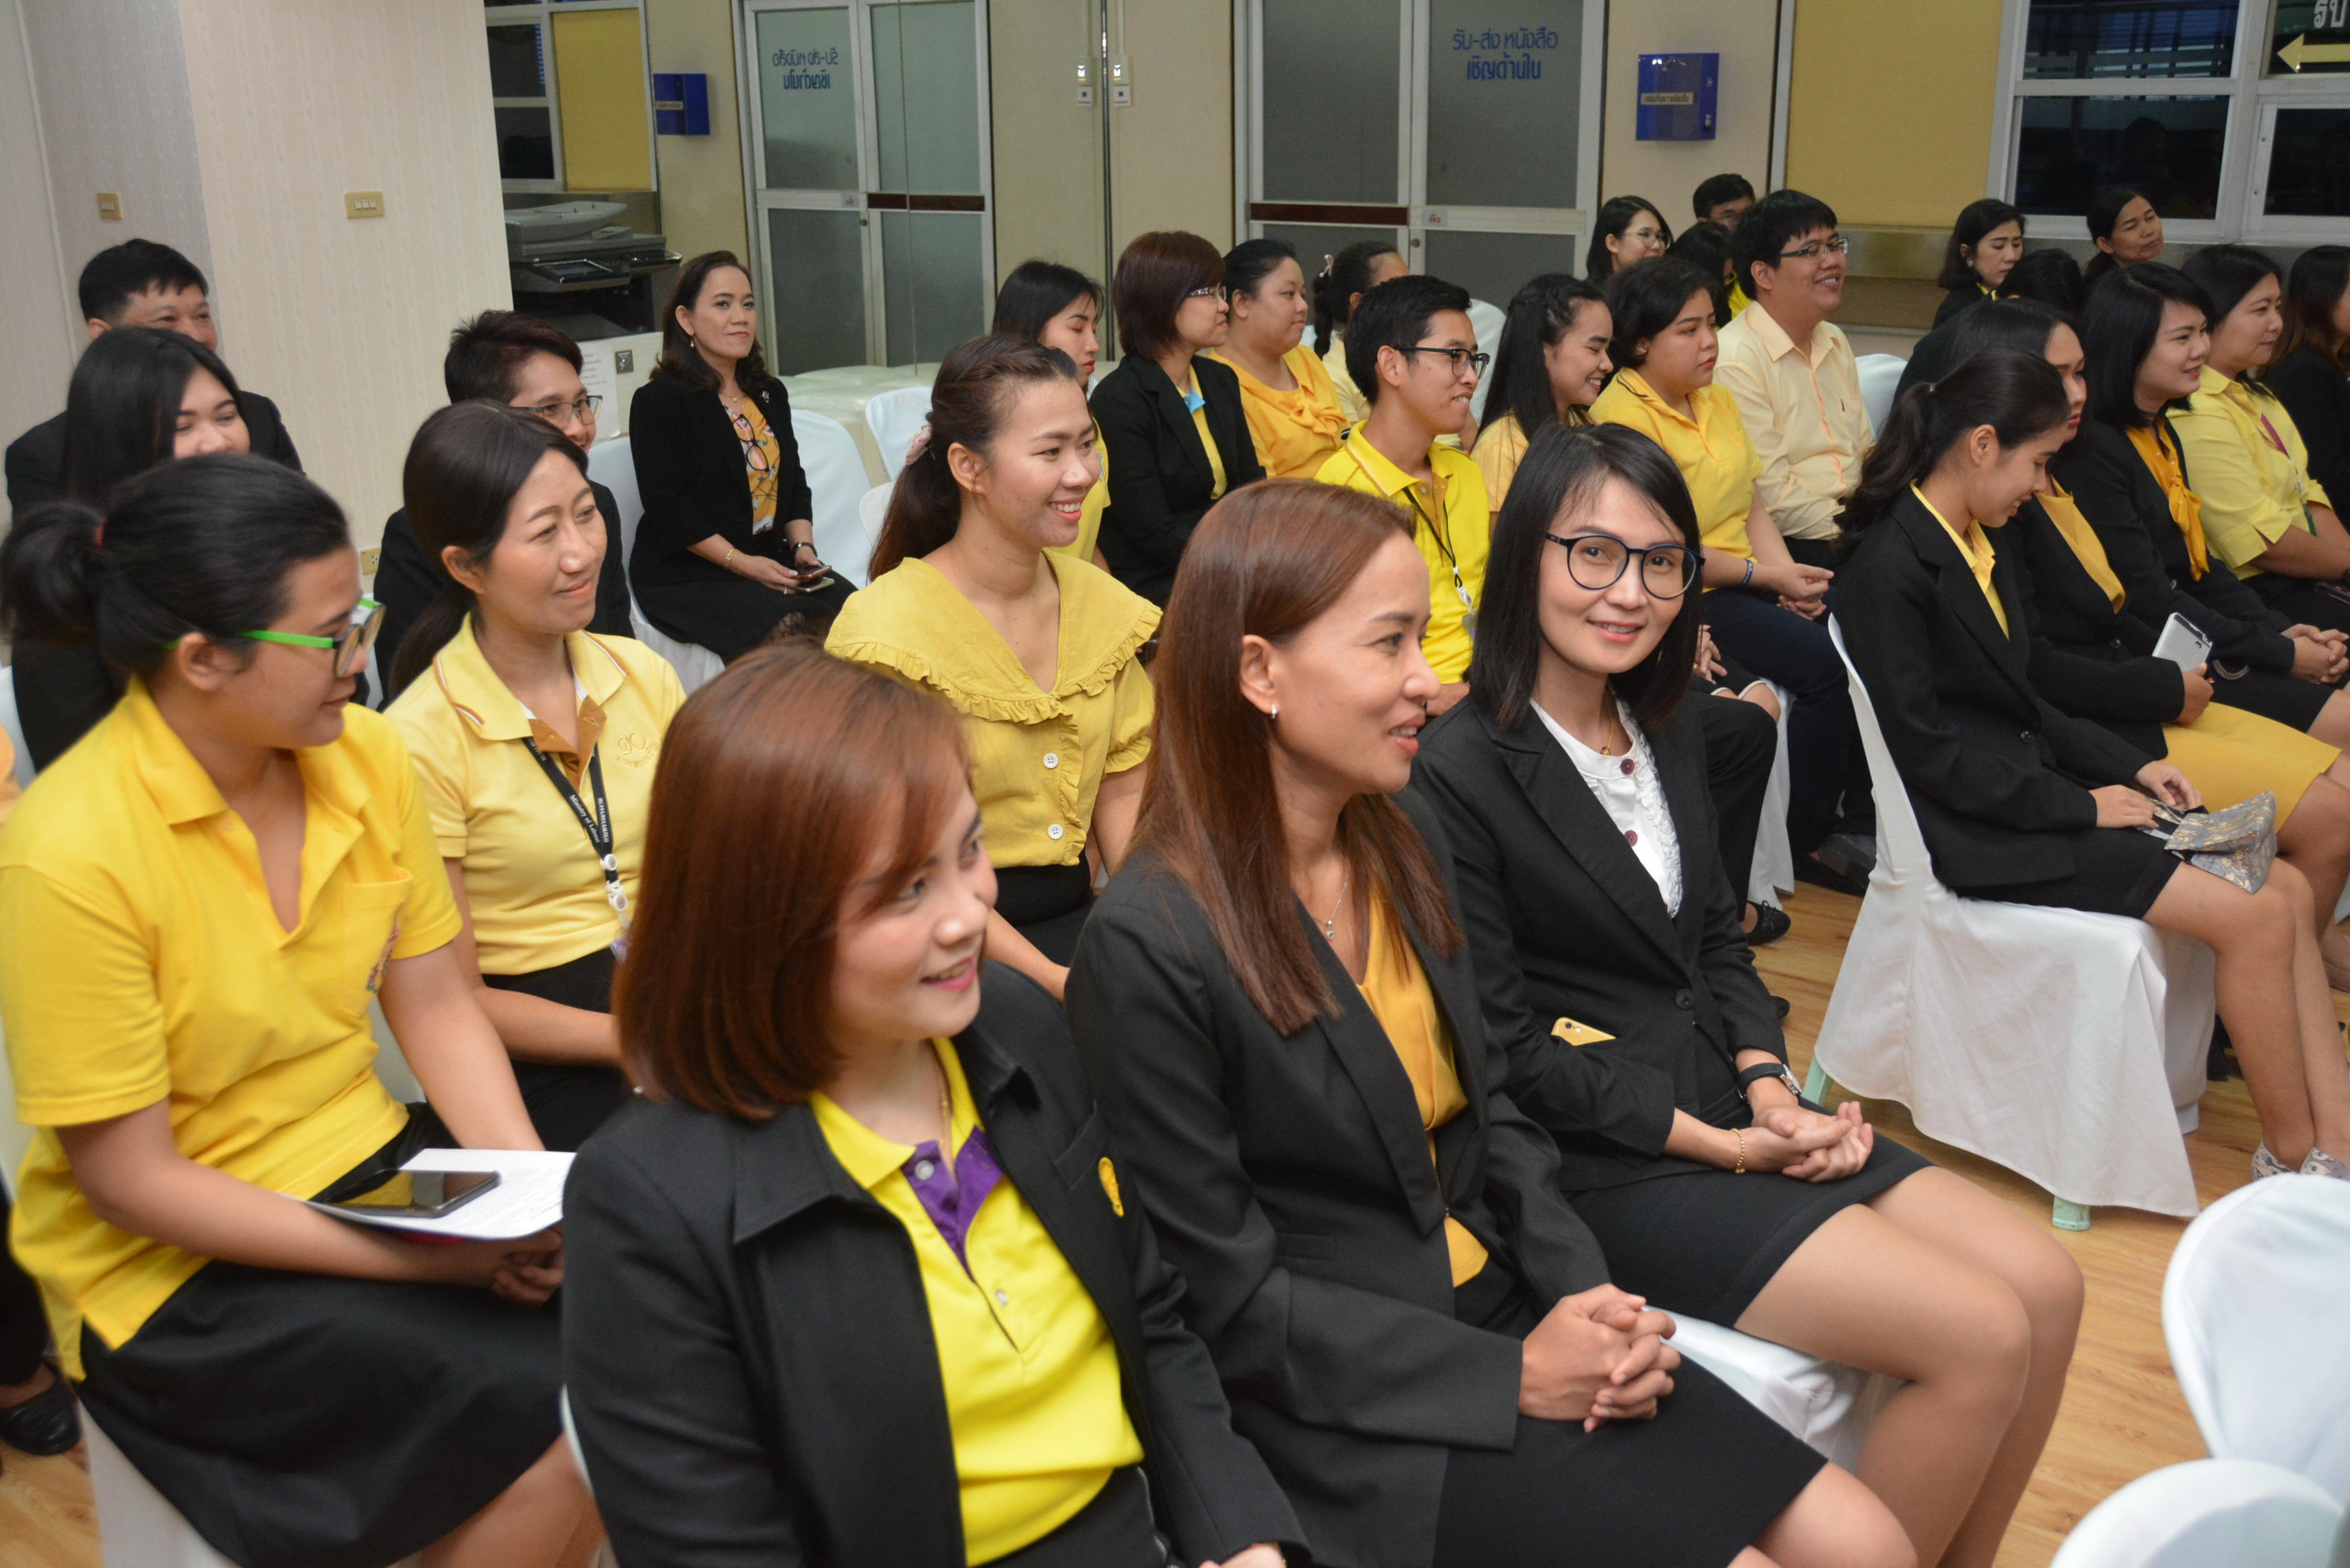 อธิบดีกรมการจัดหางาน ปิดการอบรมเพิ่มสมรรถนะในการใช้ภาษาต่างประเทศ (อังกฤษ) ระดับ 1 และ 2 พร้อมมอบวุฒิบัตร ให้แก่ผู้สำเร็จการฝึกอบรมฯ